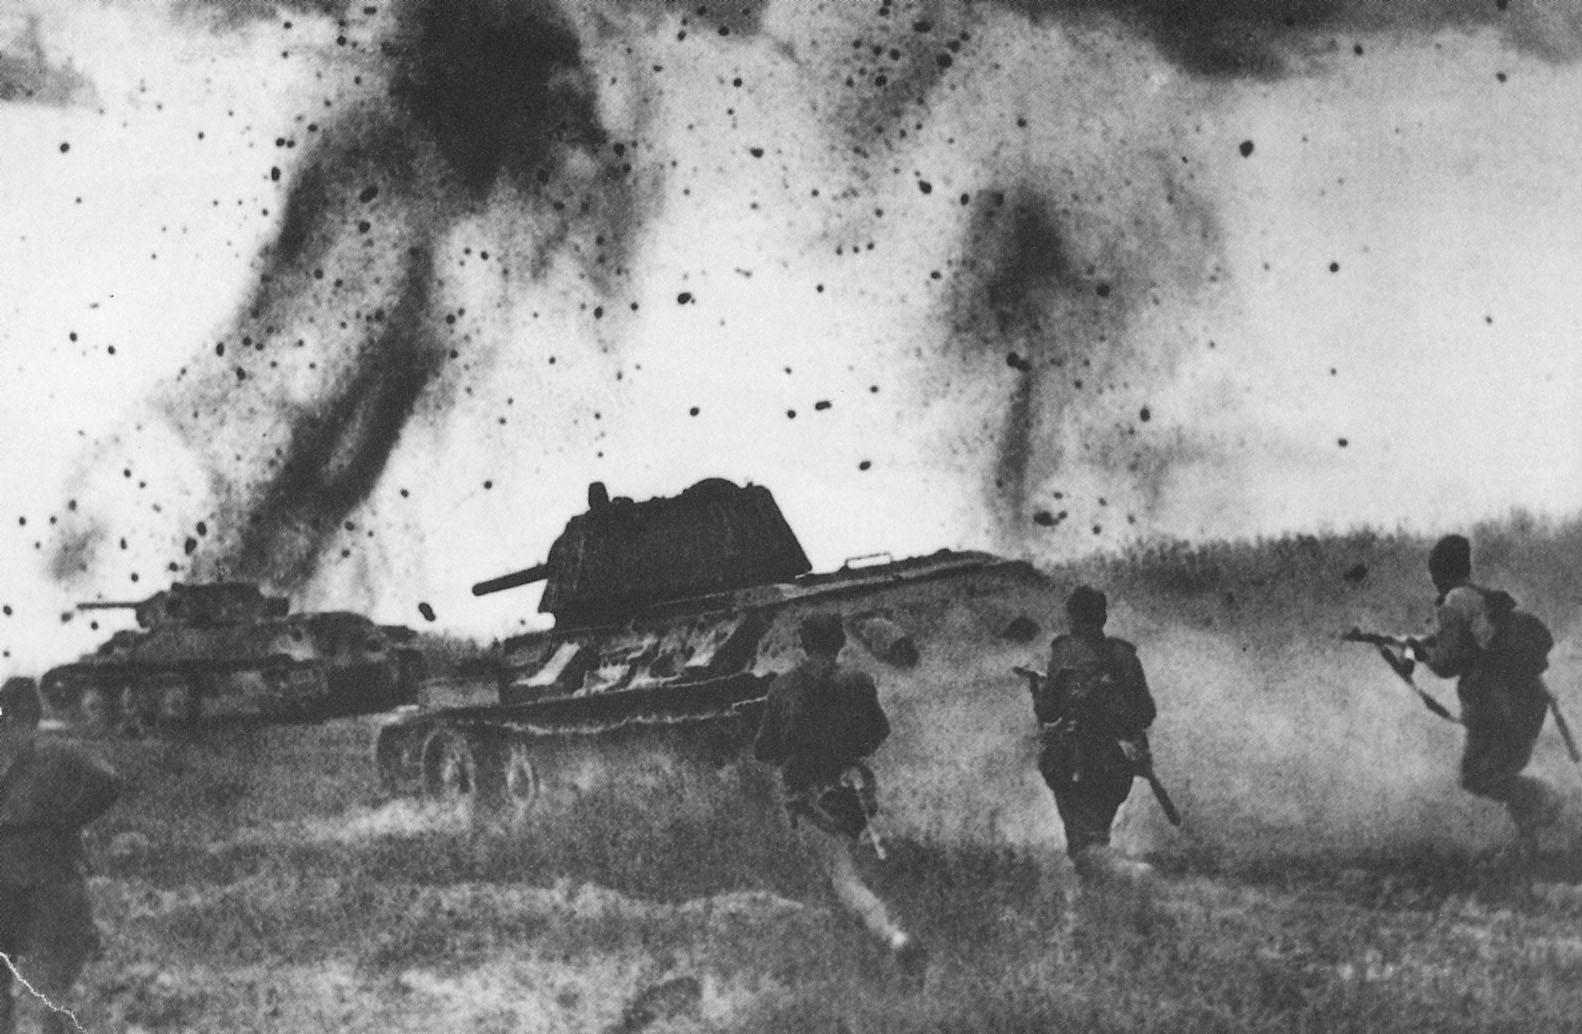 battle_kursk_t-34s-and-infantry.jpg